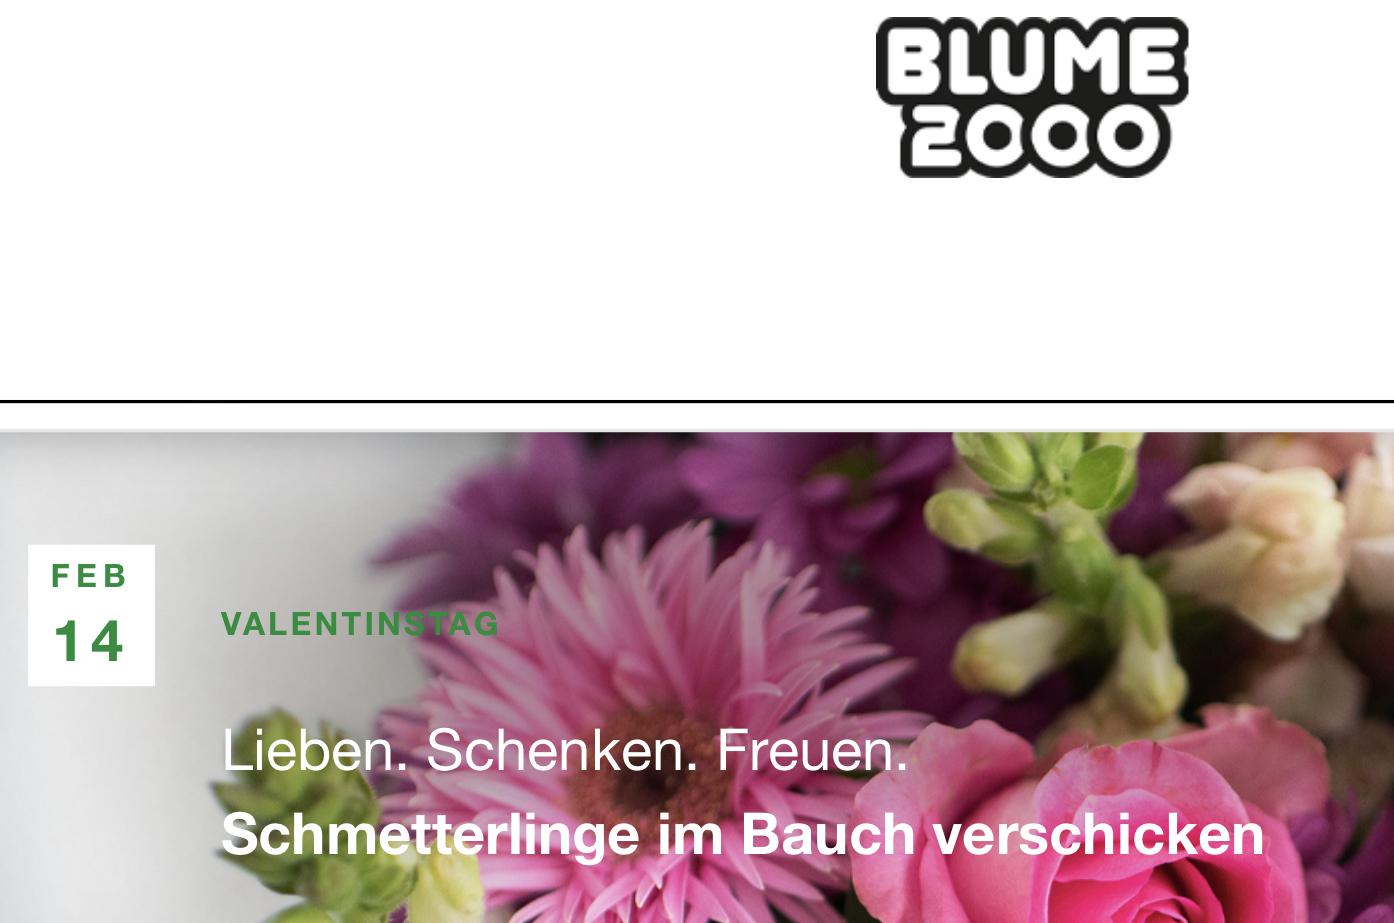 Vattenfall my Highlights App: Gutschein für Blume2000, 10 € ohne MBW, auch auf Geschenkkarte einlösbar!